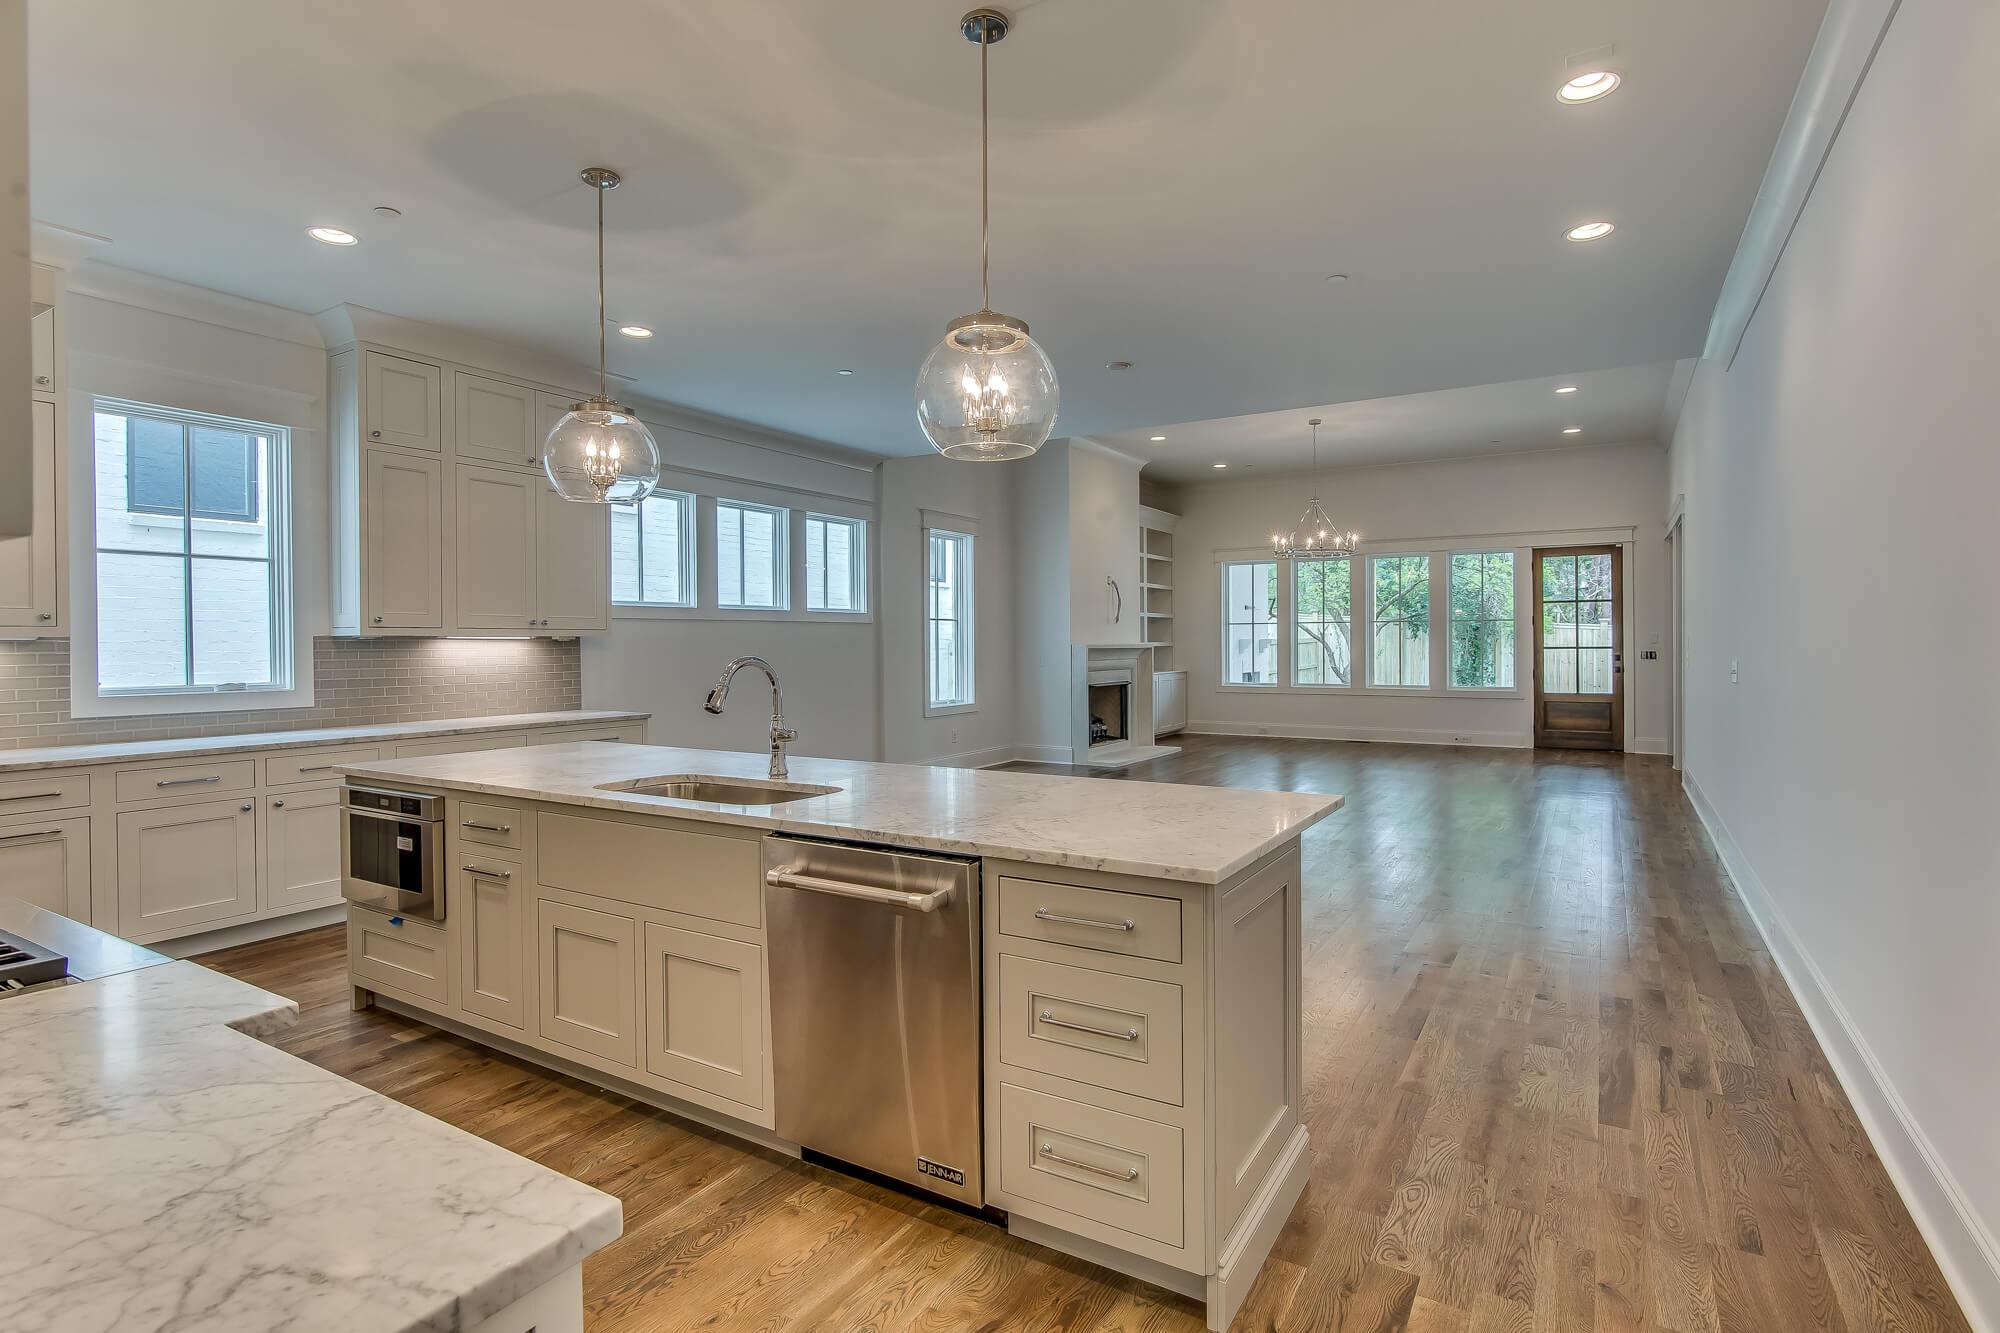 chandelier-development-nashville-tennessee-home-builder--44.jpg